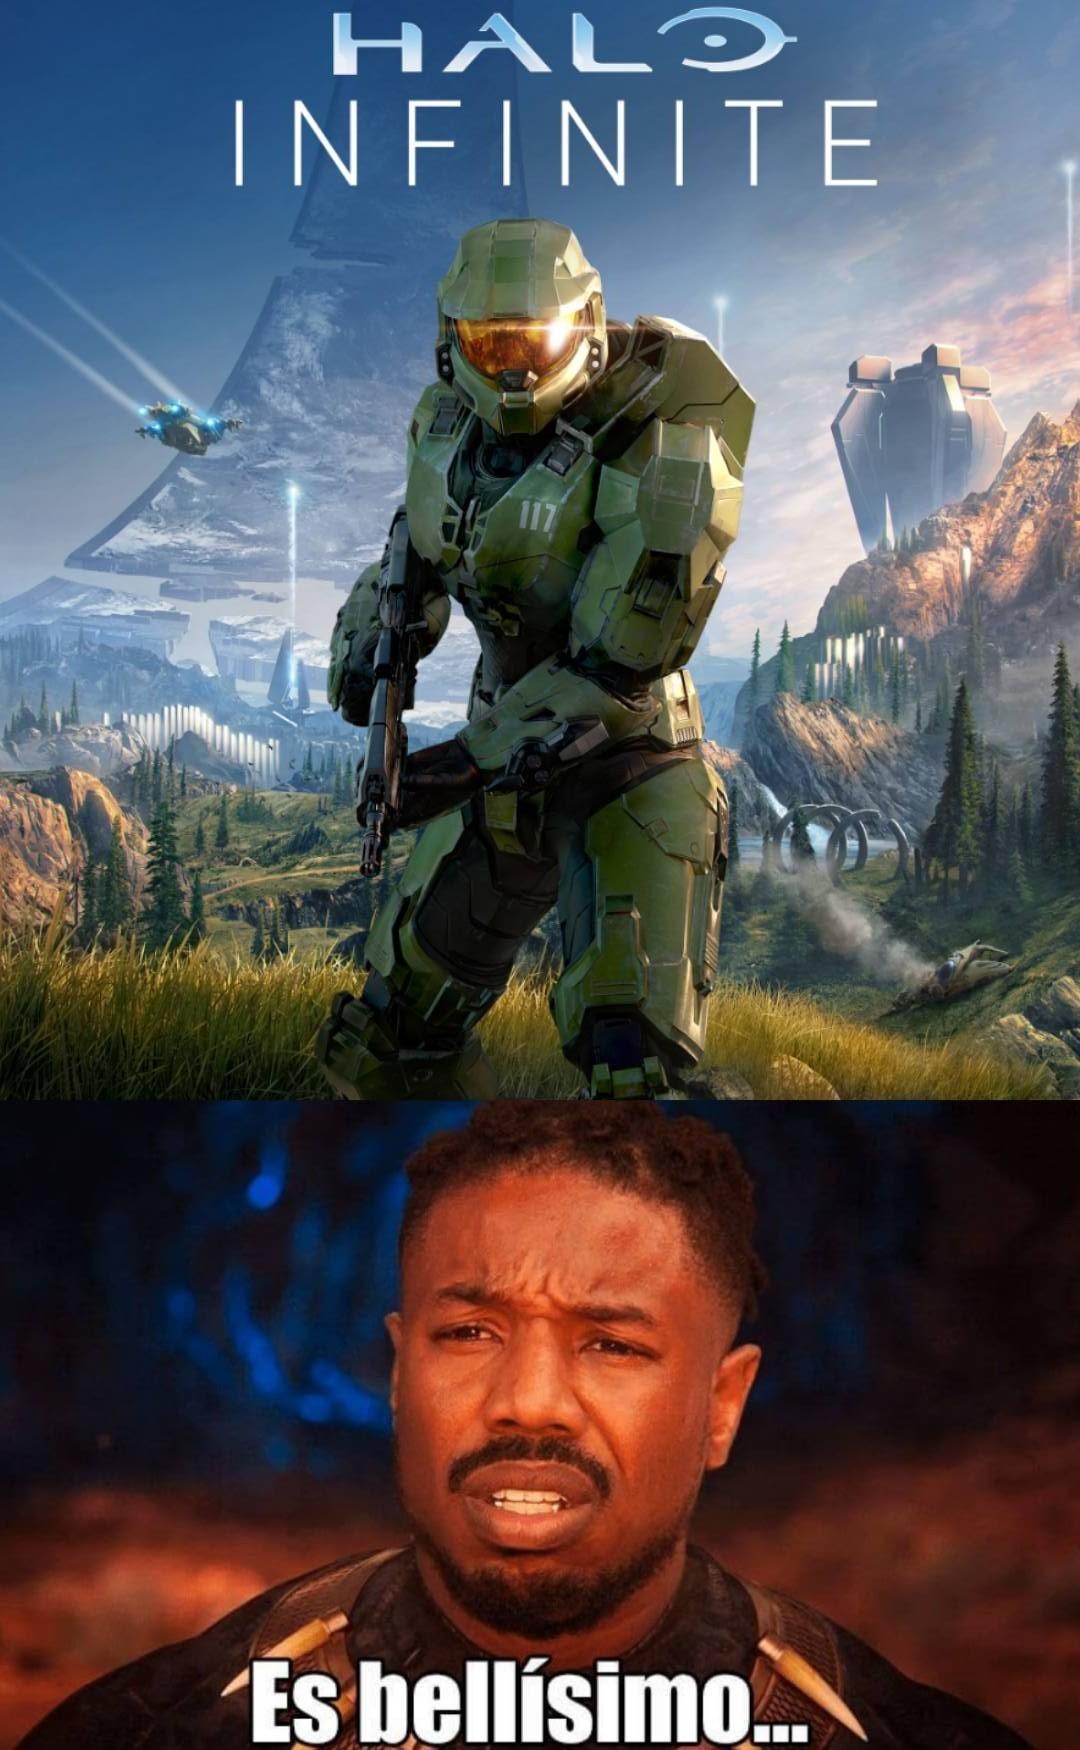 El nuevo arte de Halo es precioso. - meme